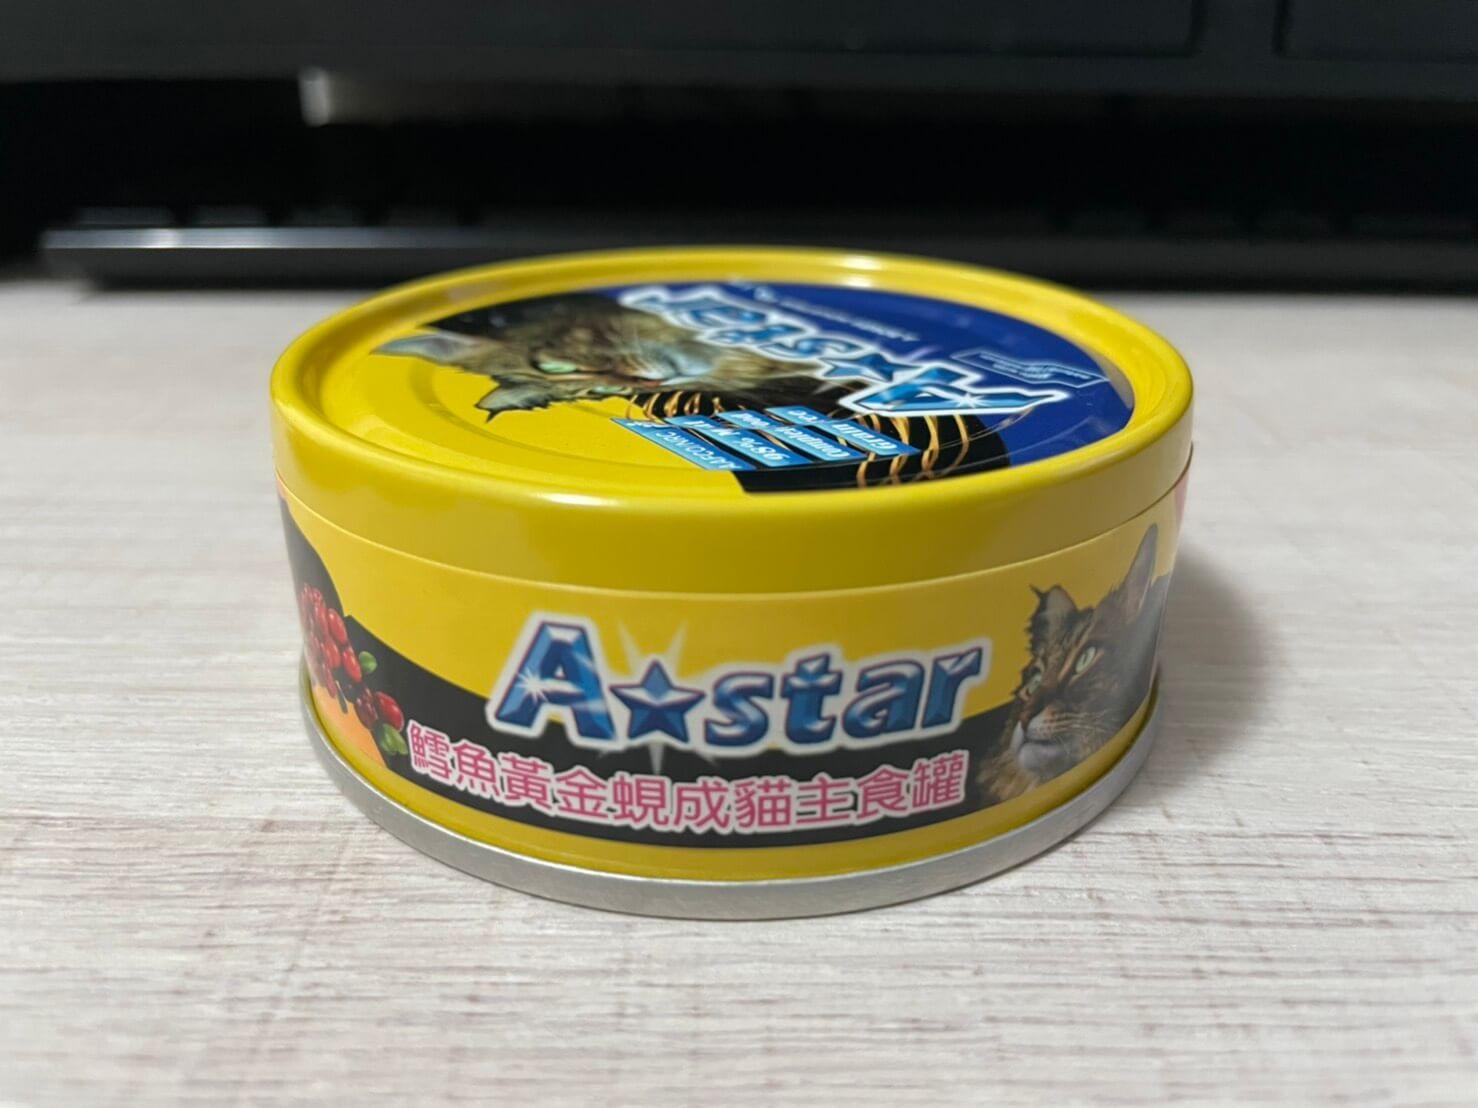 ASTAR主食罐評價7